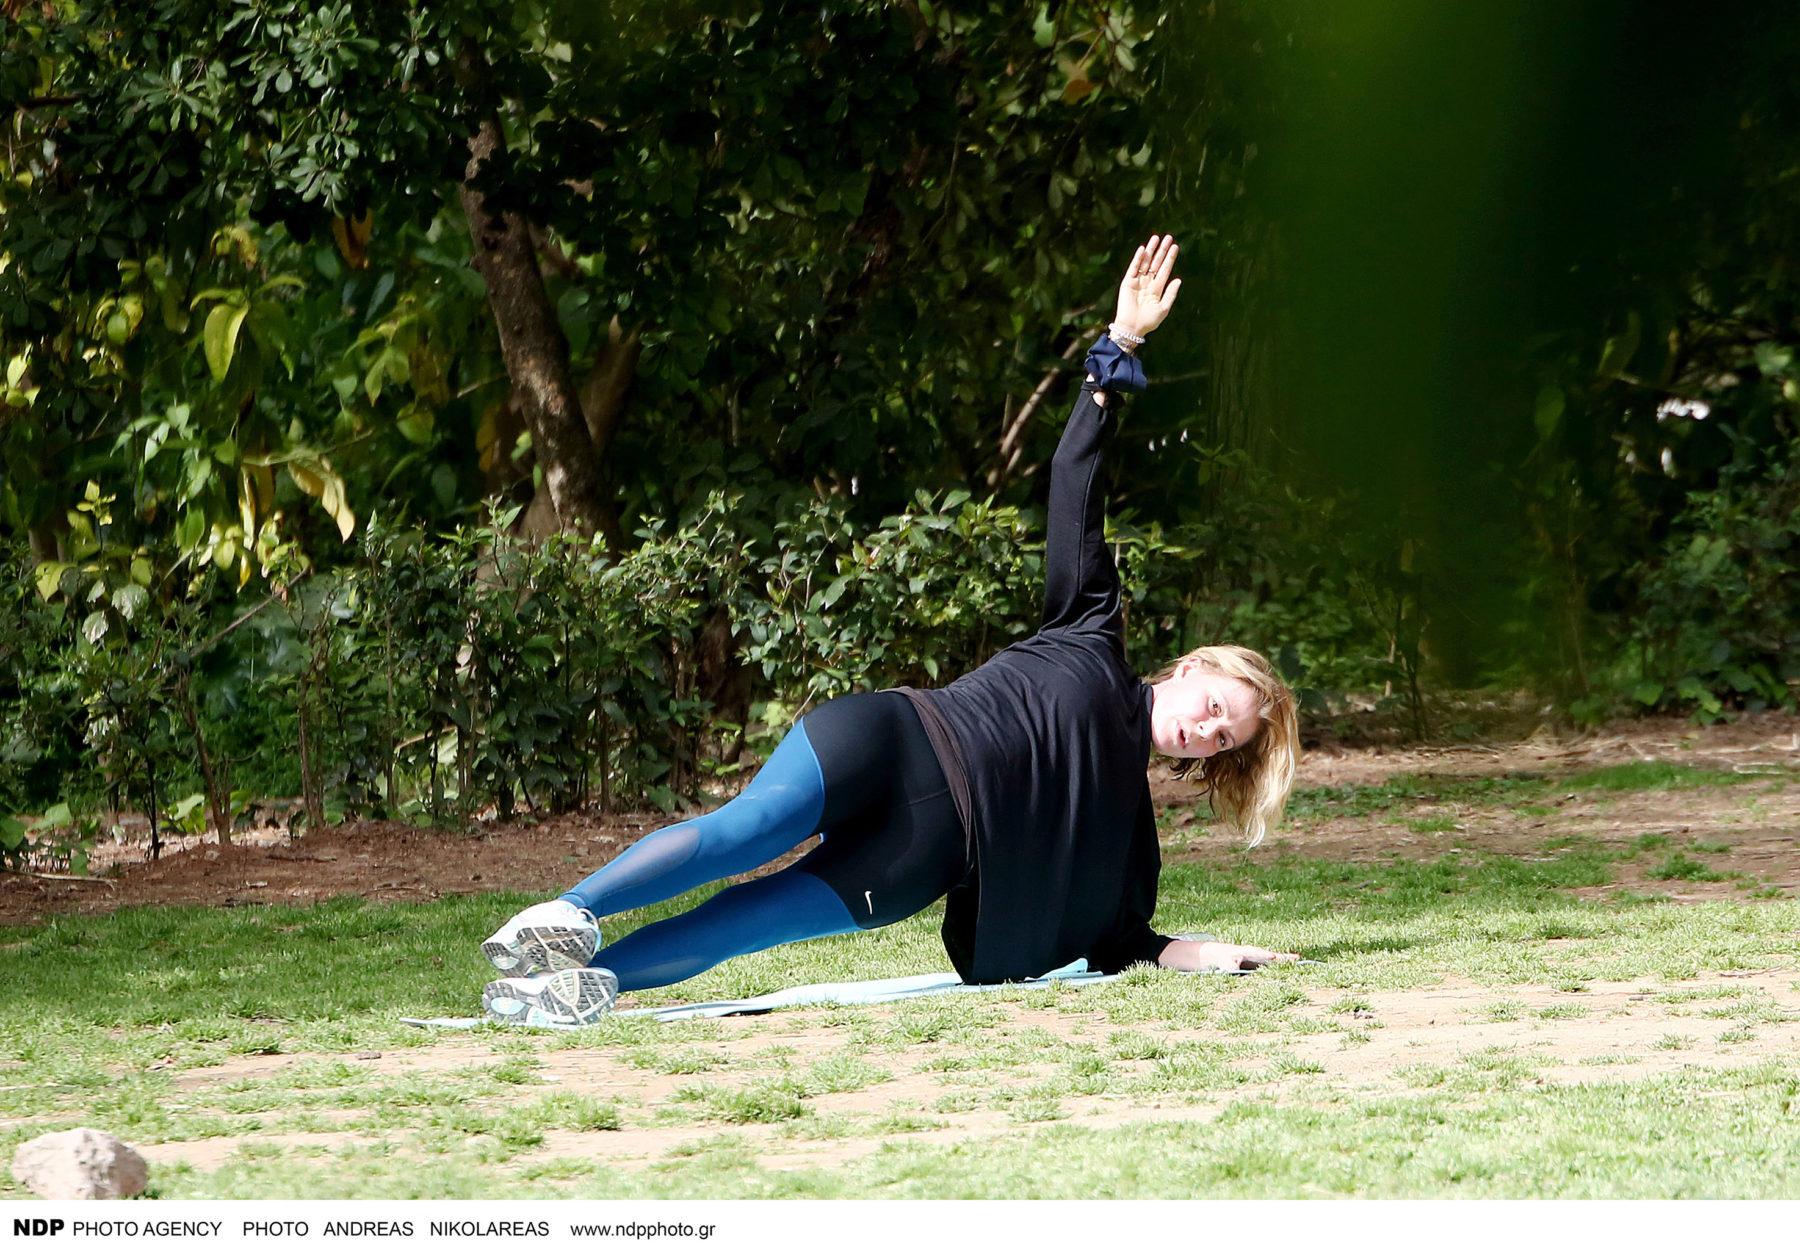 Τζένη Μπαλατσινού: διατηρεί τη σιλουέτα της με γυμναστική στην ύπαιθρο (φωτογραφίες)